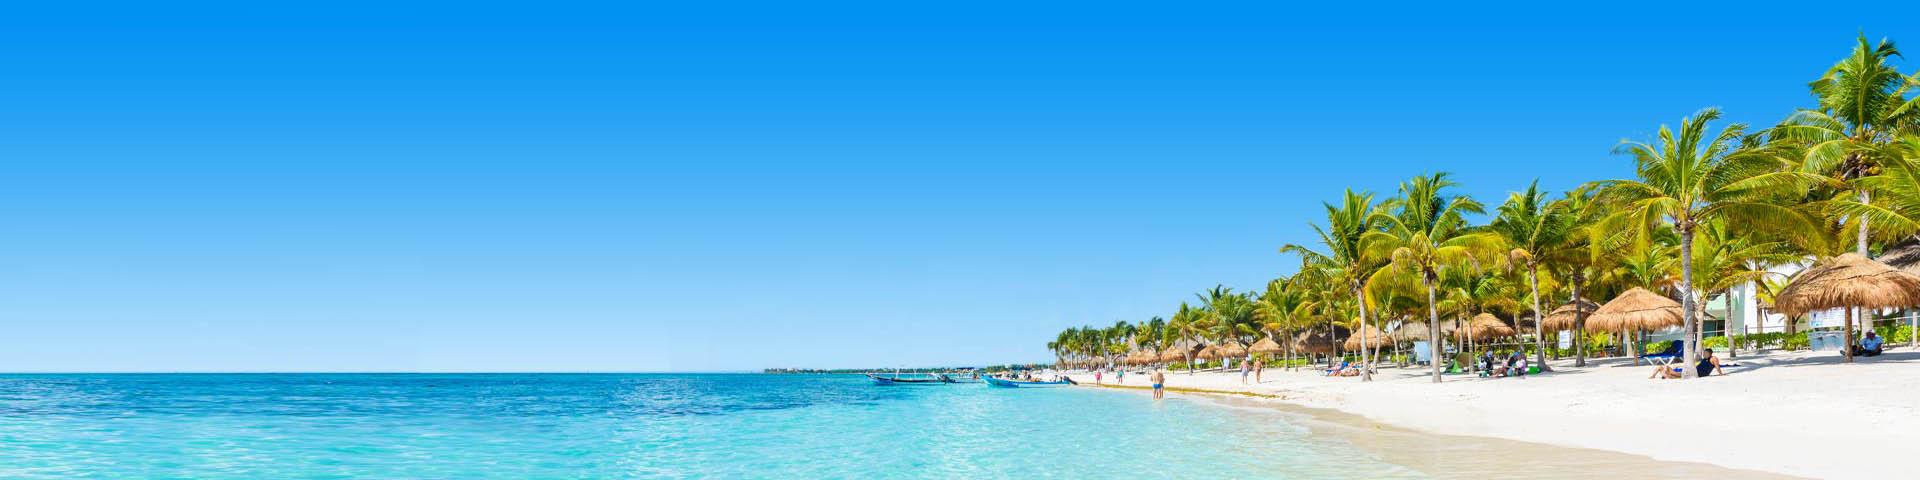 Kustlijn met helderblauwe zee en parelwit zandstrand in Mexico